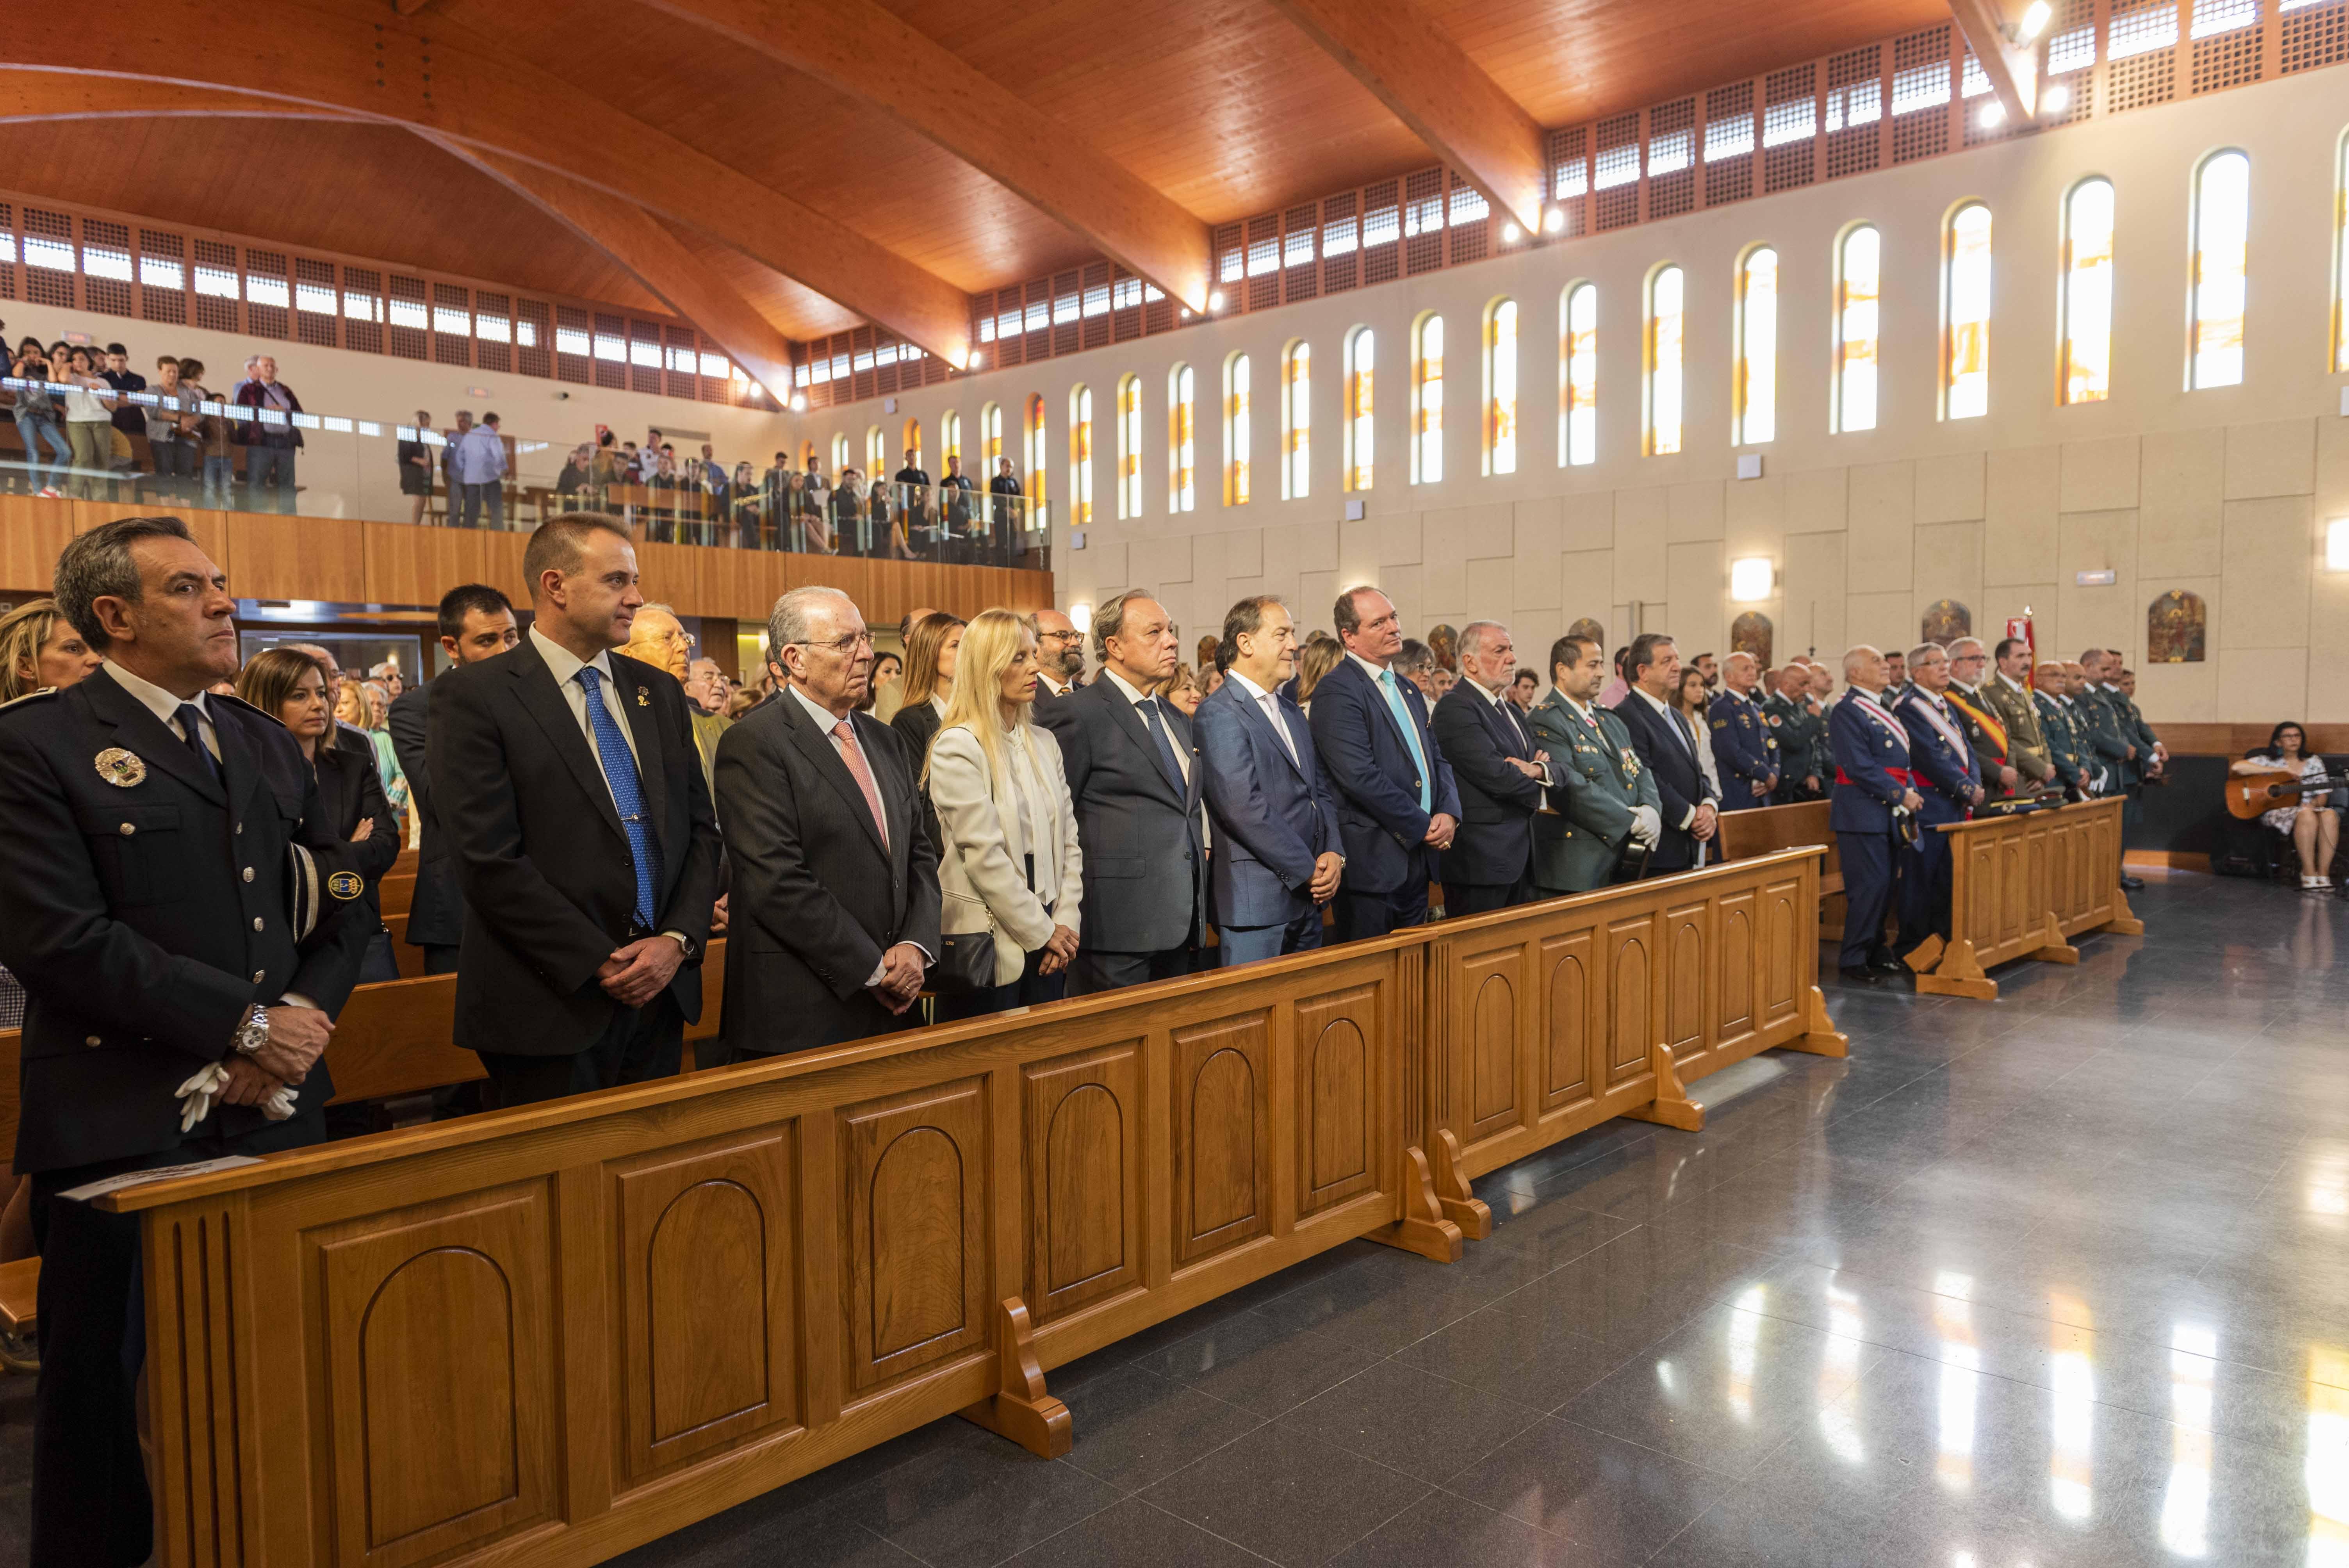 Autoridades durante la misa en honor a la Virgen del Pilar